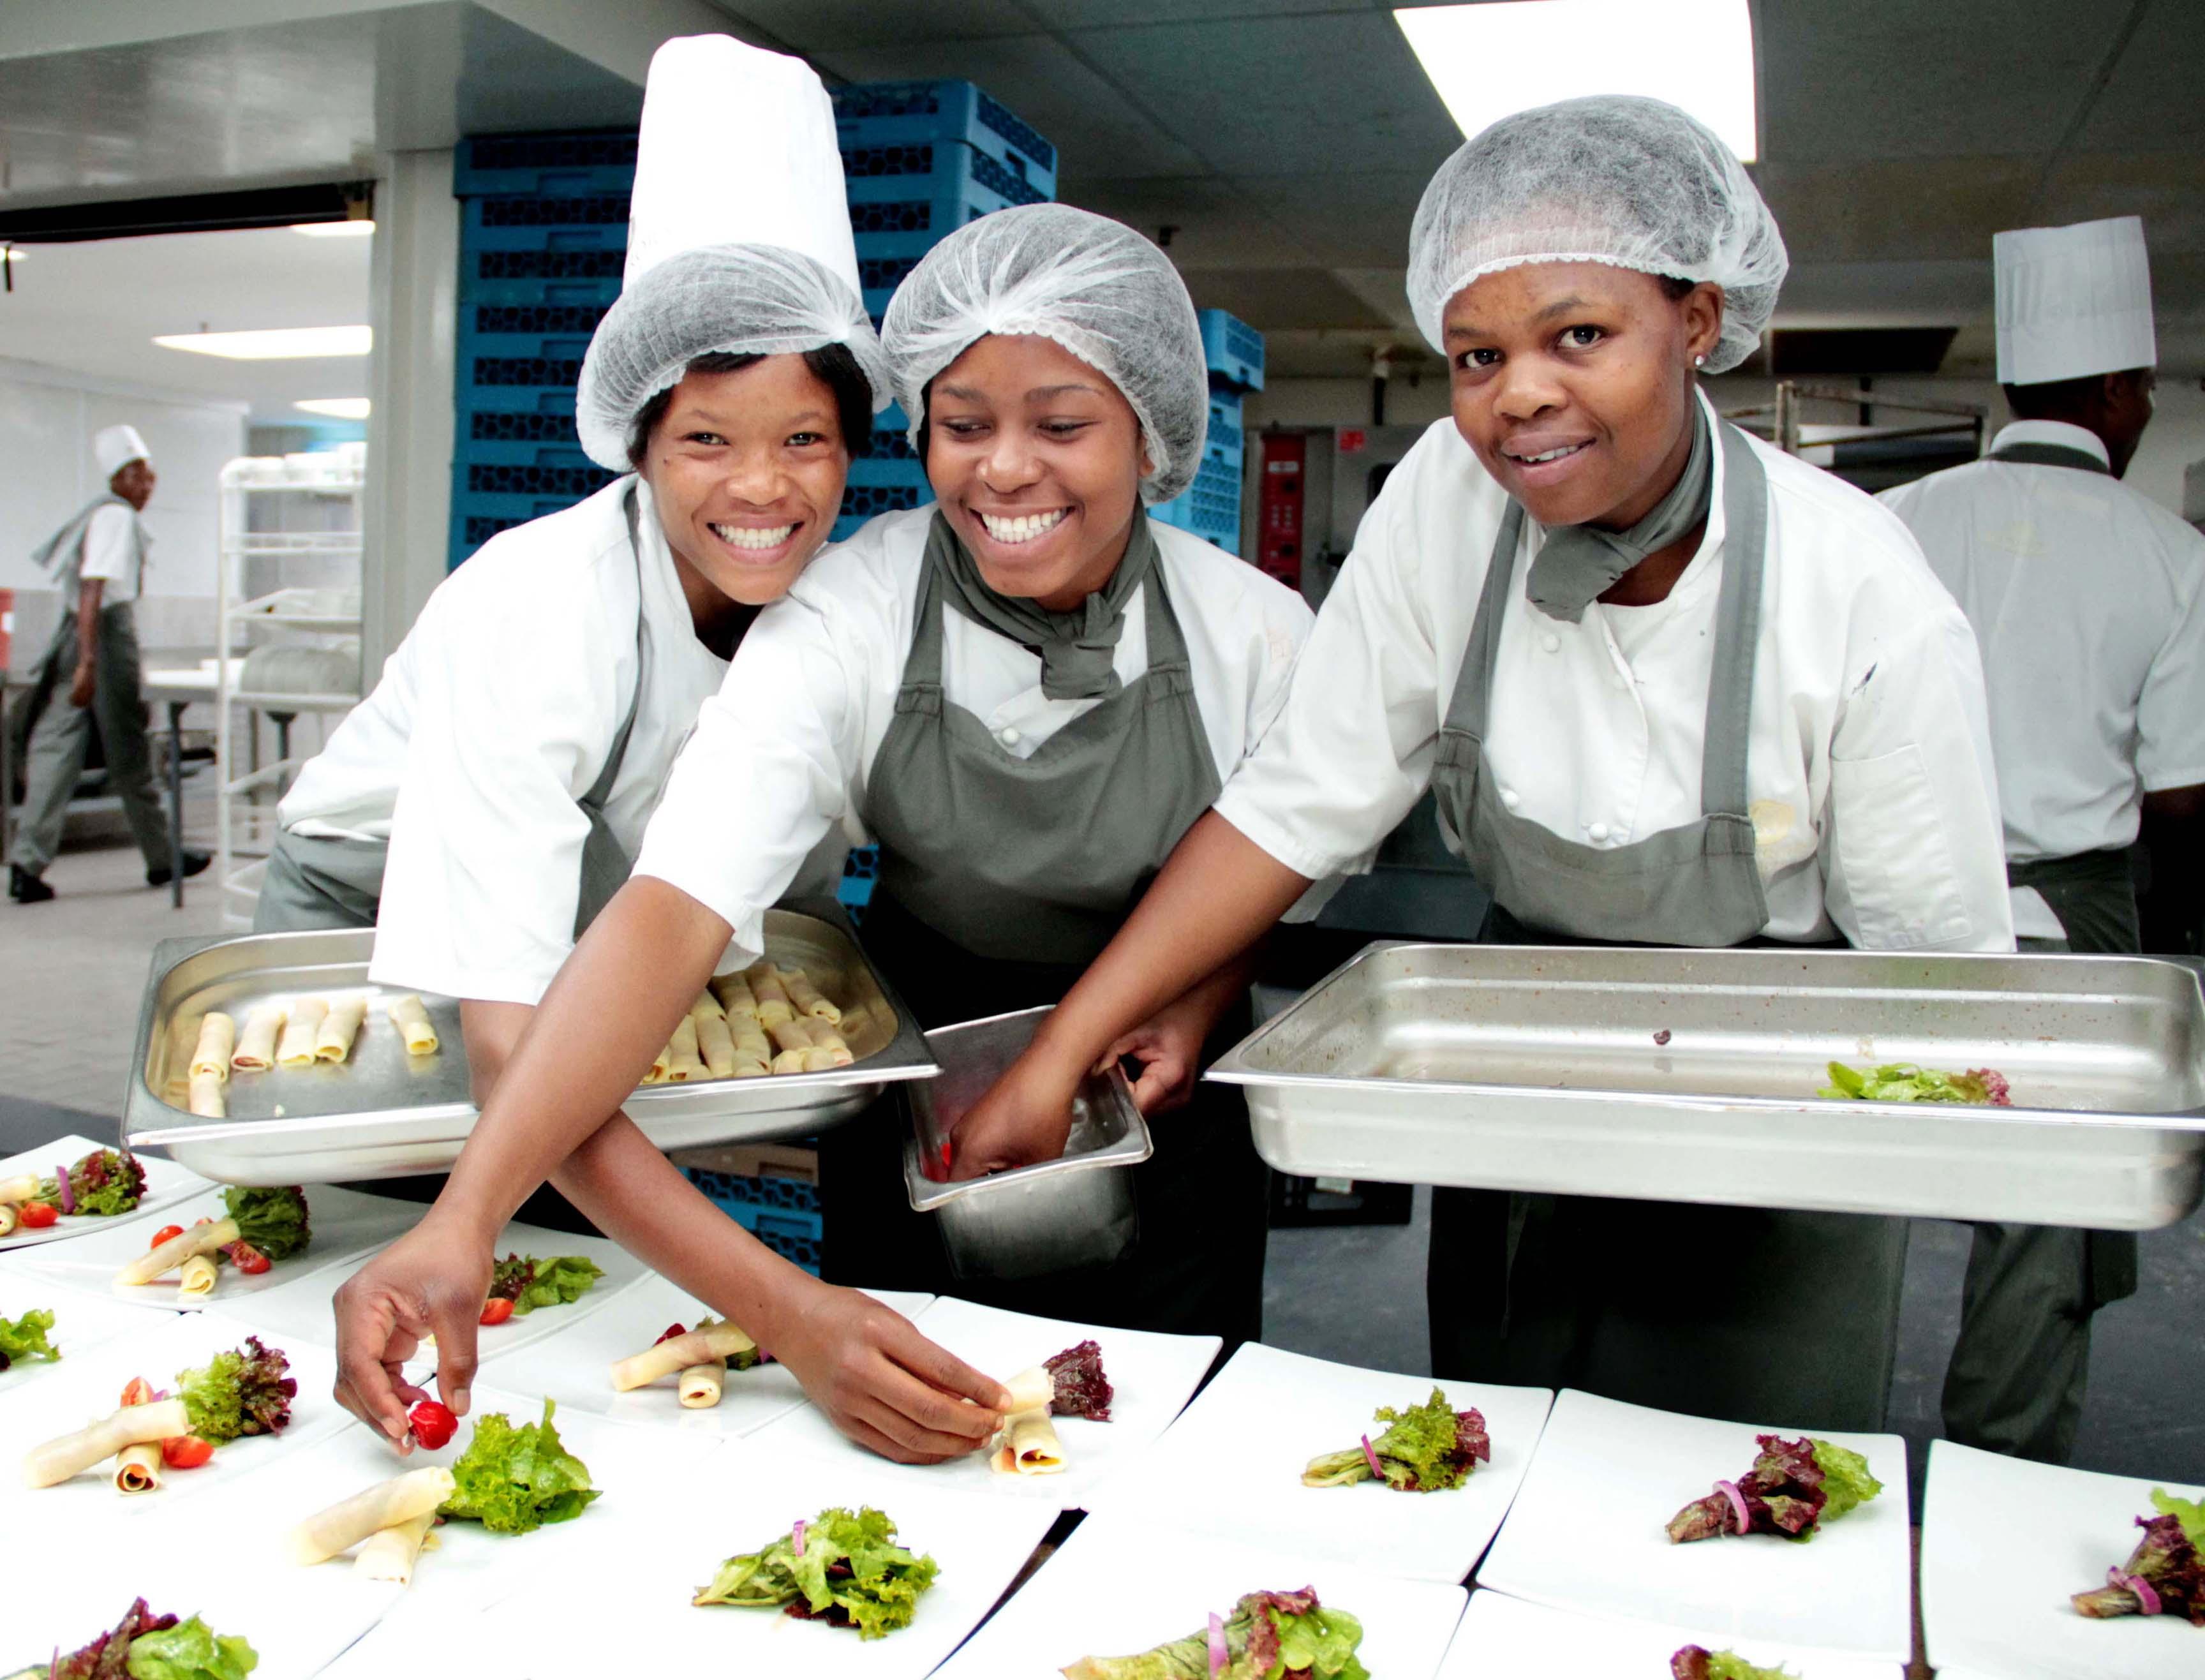 Nurturing wealth of talent lying untapped in slums of Nairobi